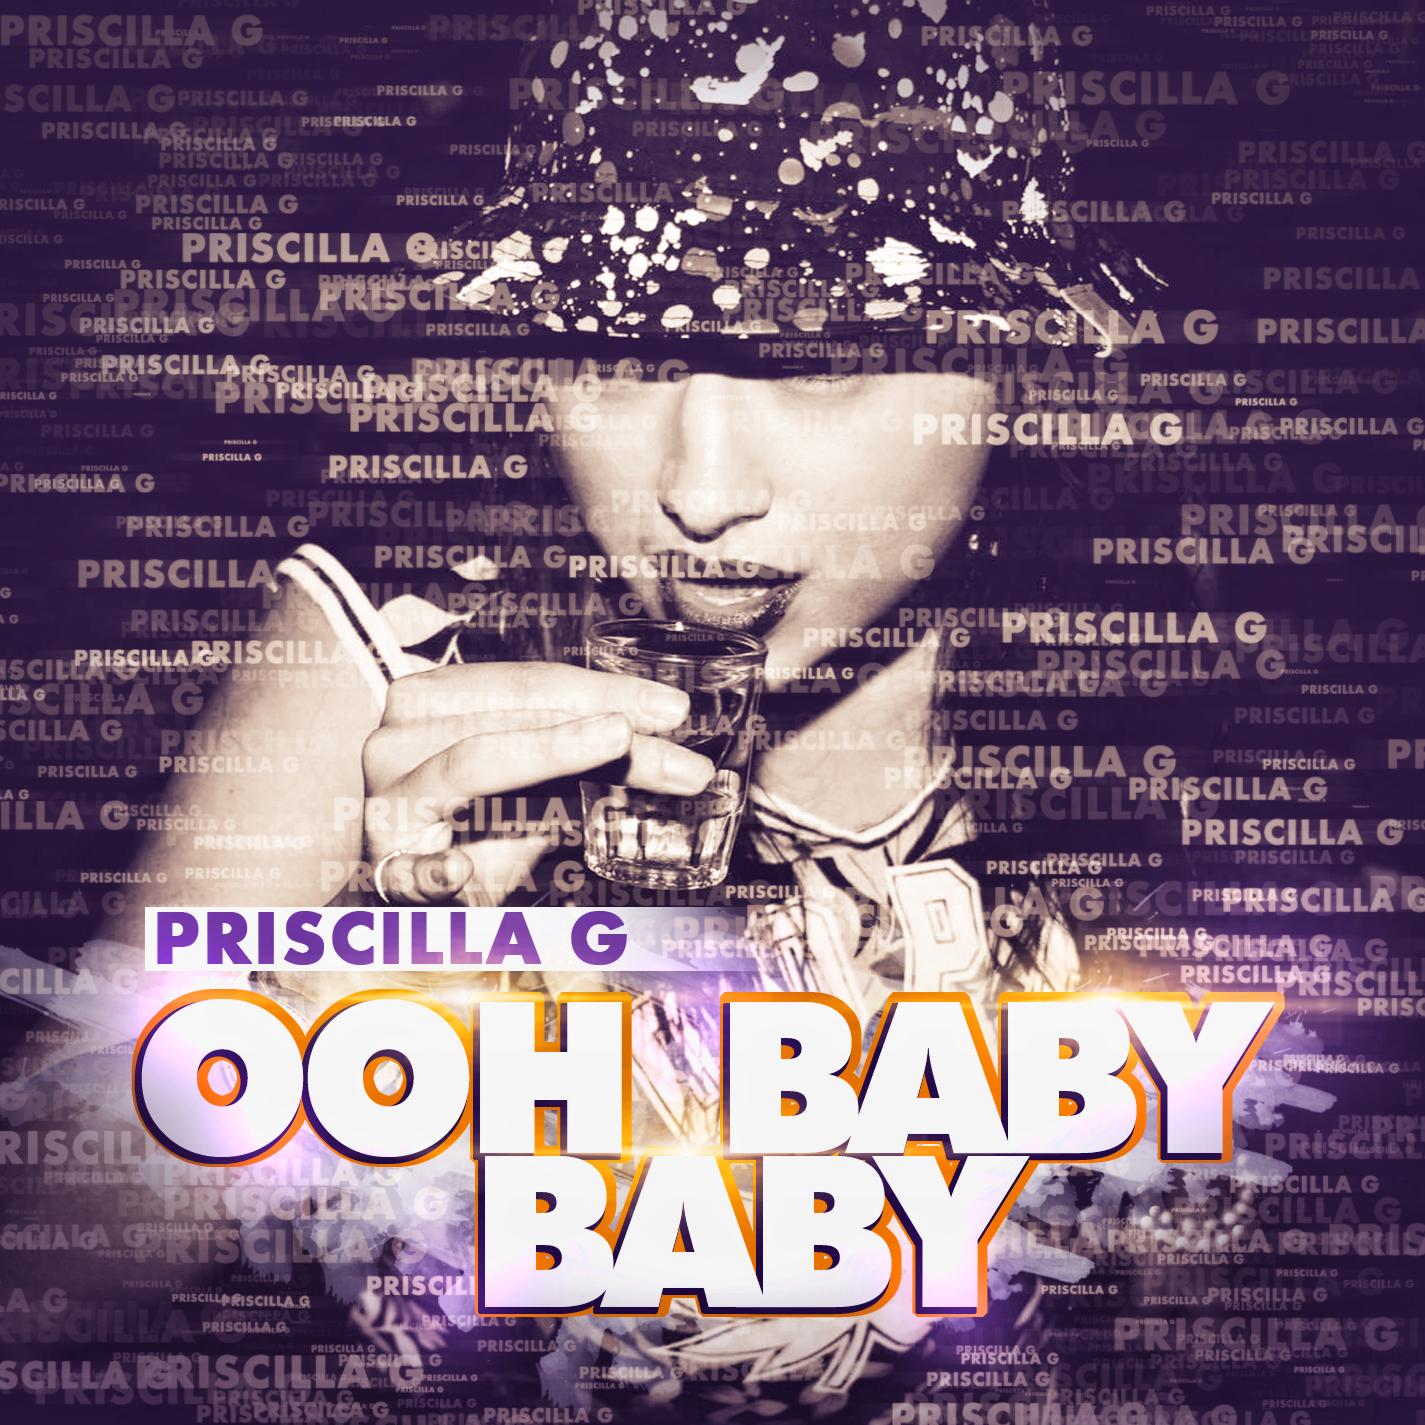 Priscilla G - Ooh Baby Baby